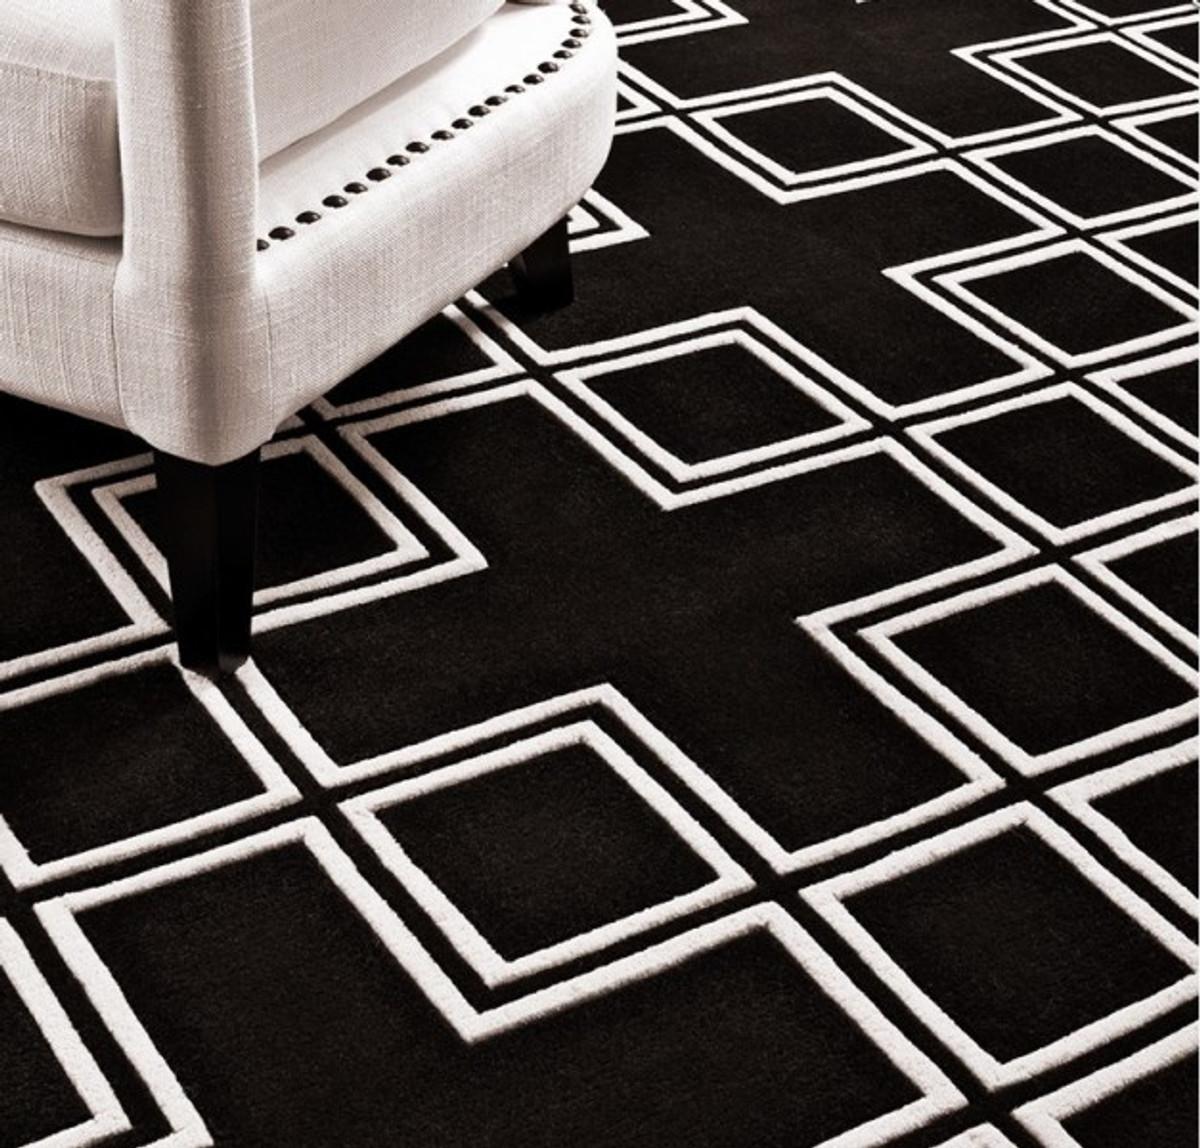 Schwarz weiß teppich  Wunderschöner Luxus Teppich aus 100% Neuseeland-Wolle mit Mäander ...